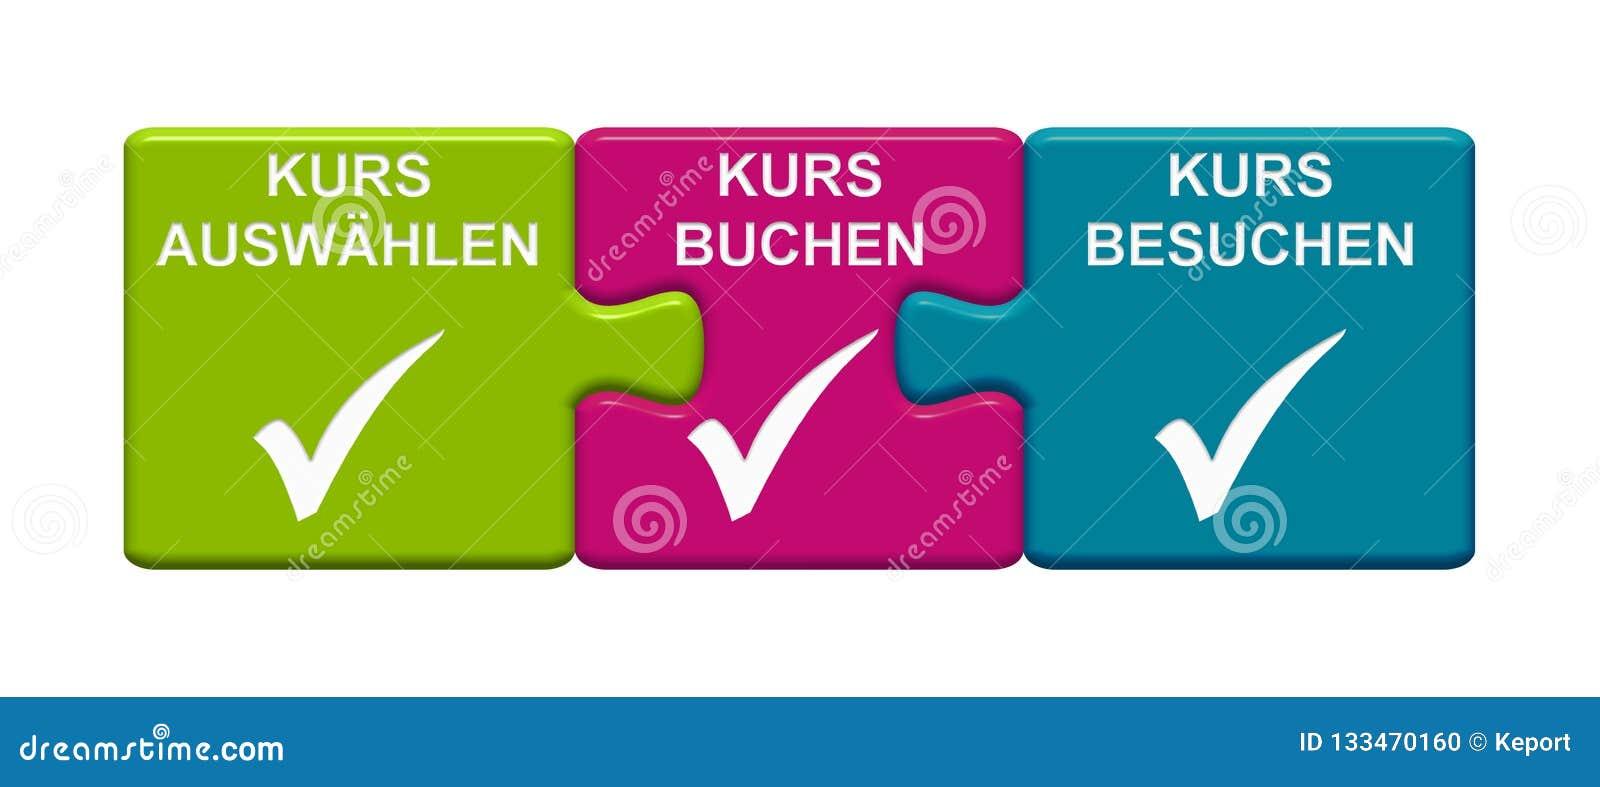 3, die Puzzlespiel Vertretung knöpft, wählen Kurs, Buch-Kurs, Besuchs-Fluchdeutscher